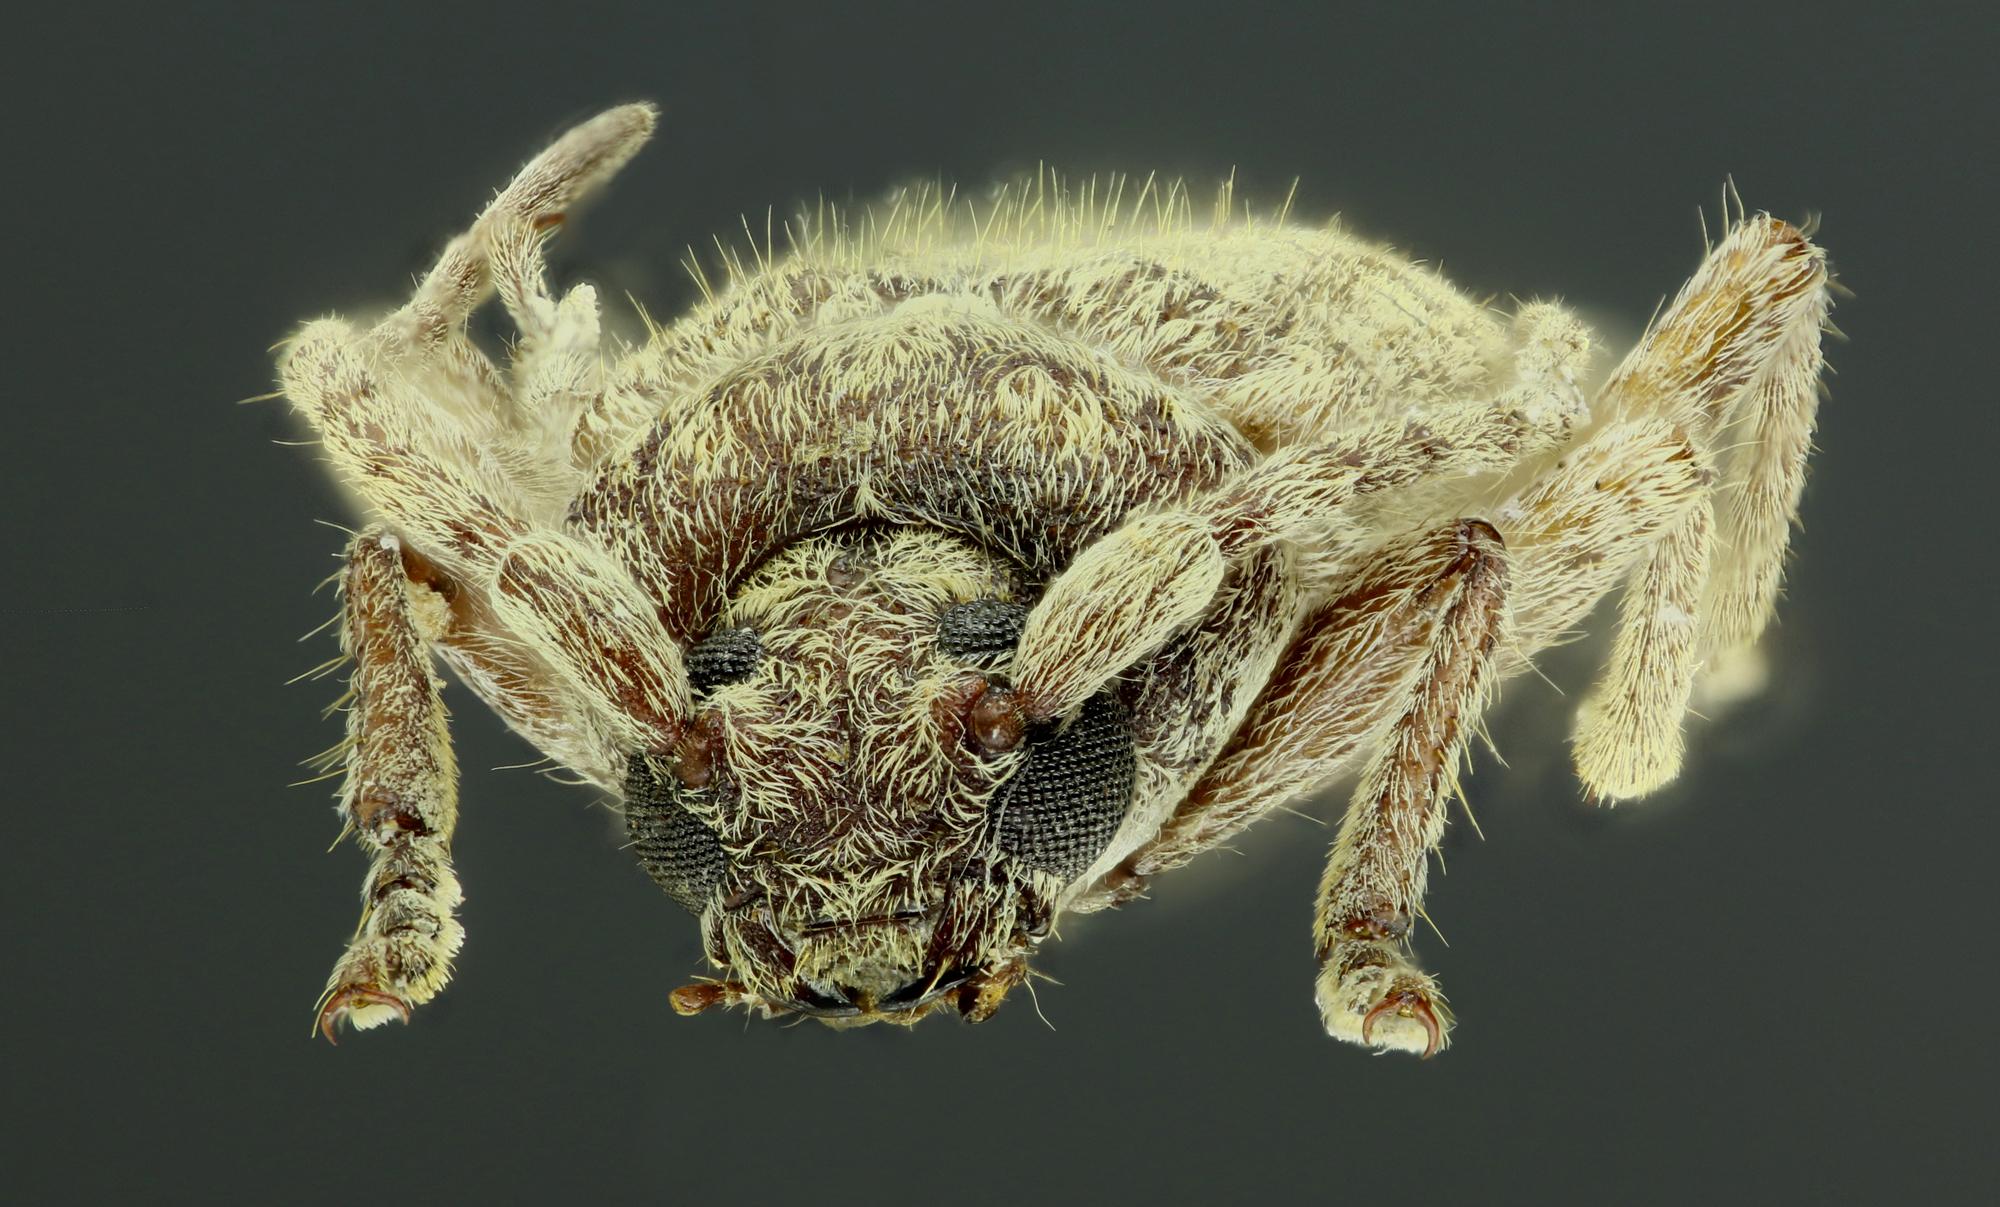 Trichoferus fasciculatus 39443zs89.jpg